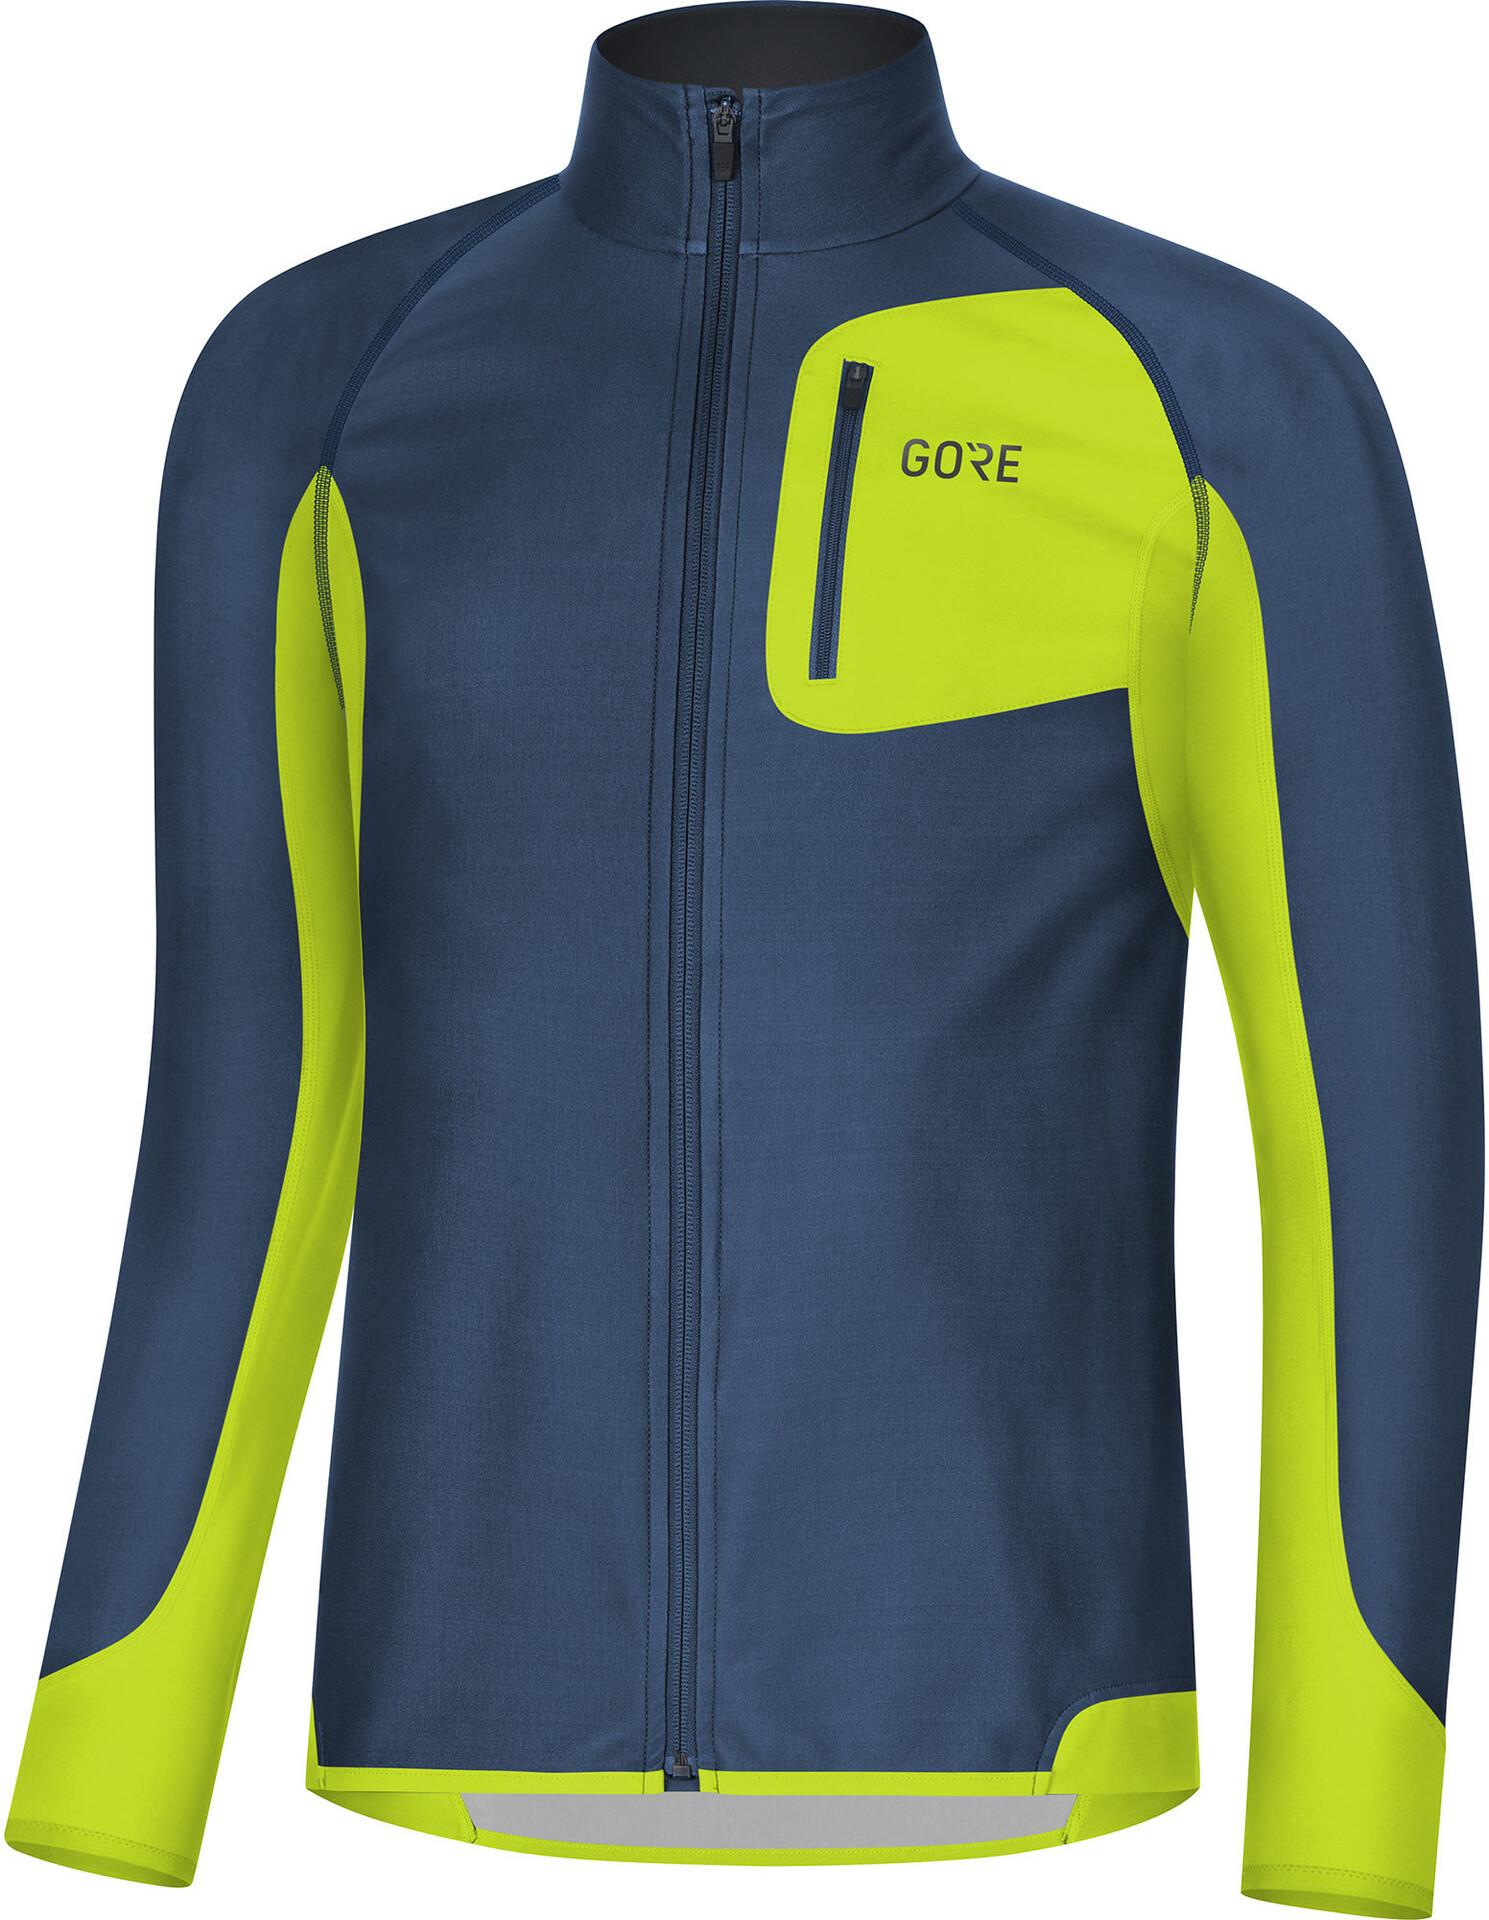 Gore Running Wear Wear Partial Gore®R3 Windstopper®Shirt